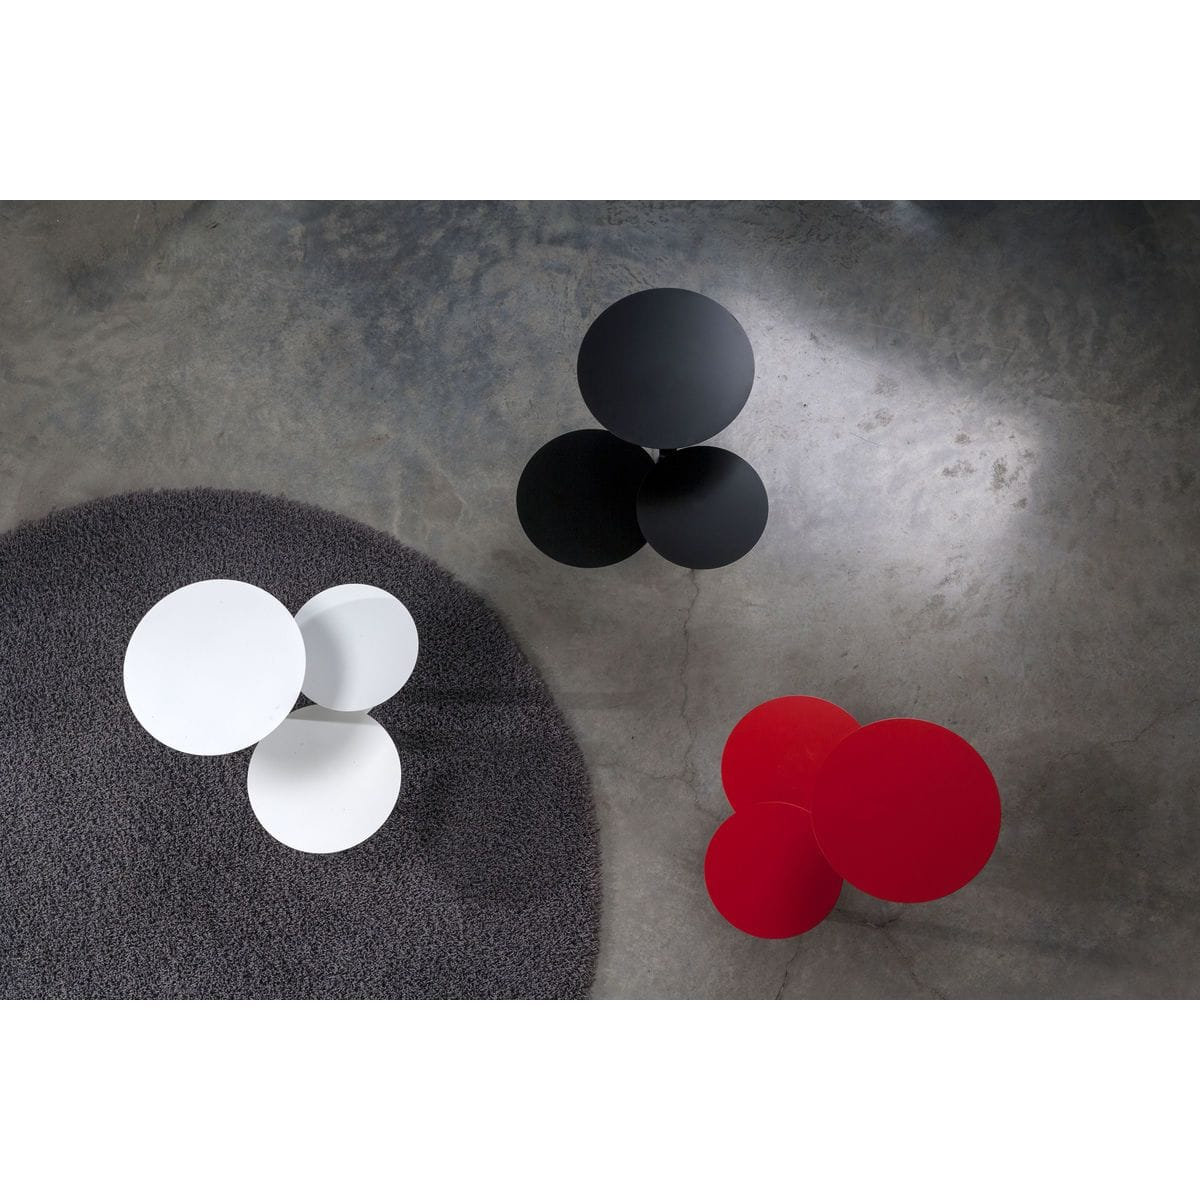 Tavolini di metallo con tre ripiani circolari ad altezze differenti colore nero, bianco e rosso